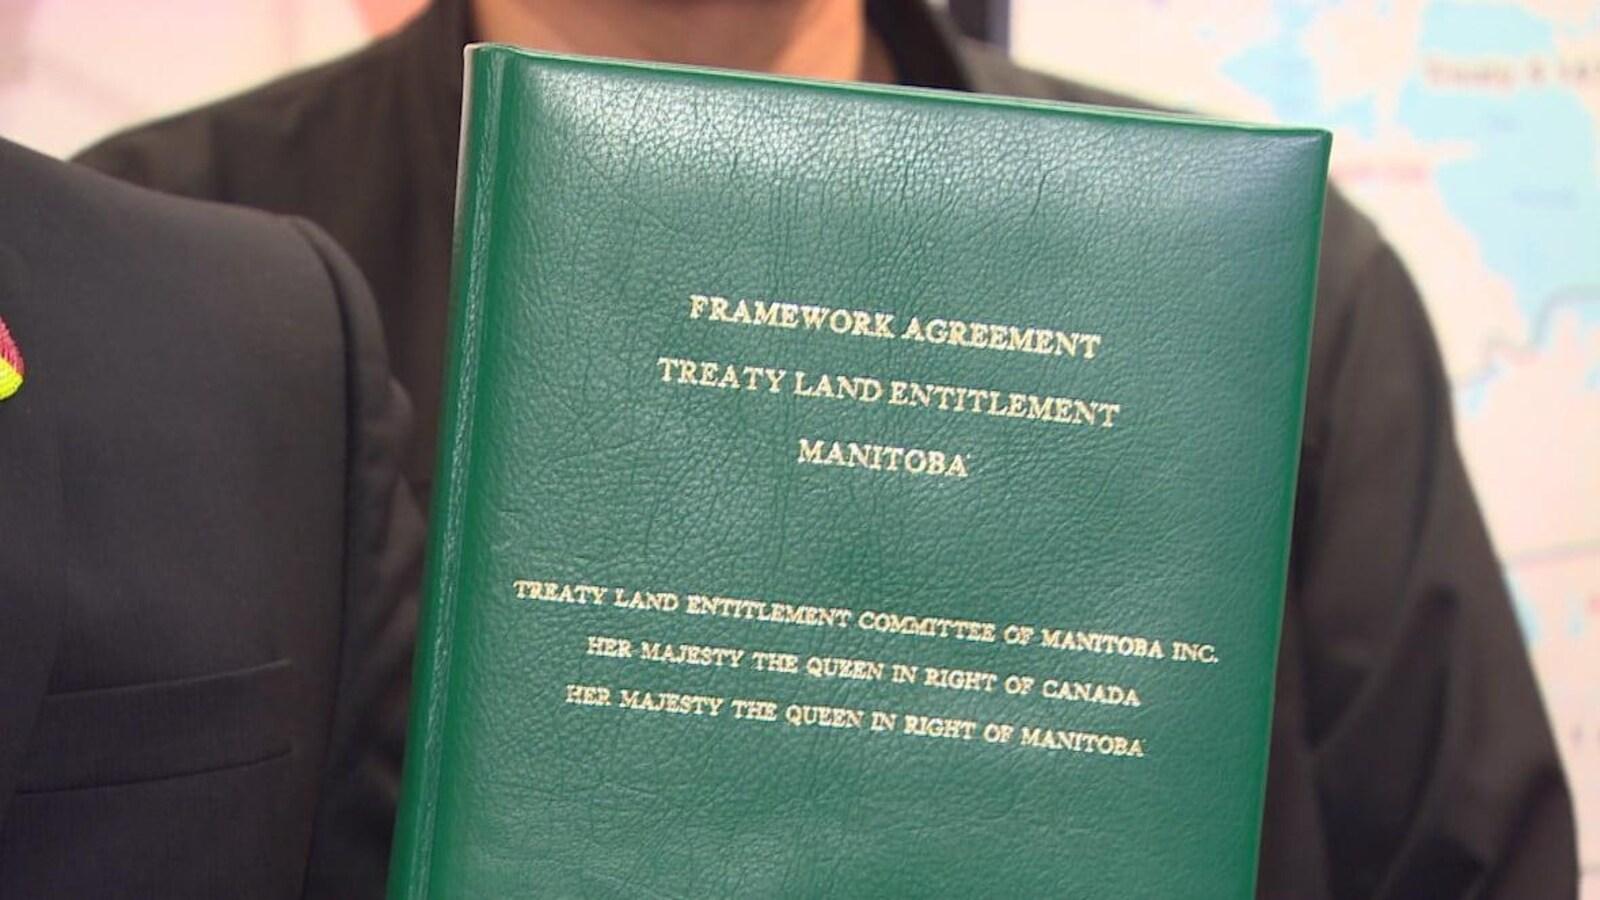 Une personne qu'on ne voit pas, tient un document relié en vert sur lequel on peut lire le titre de l'entente.